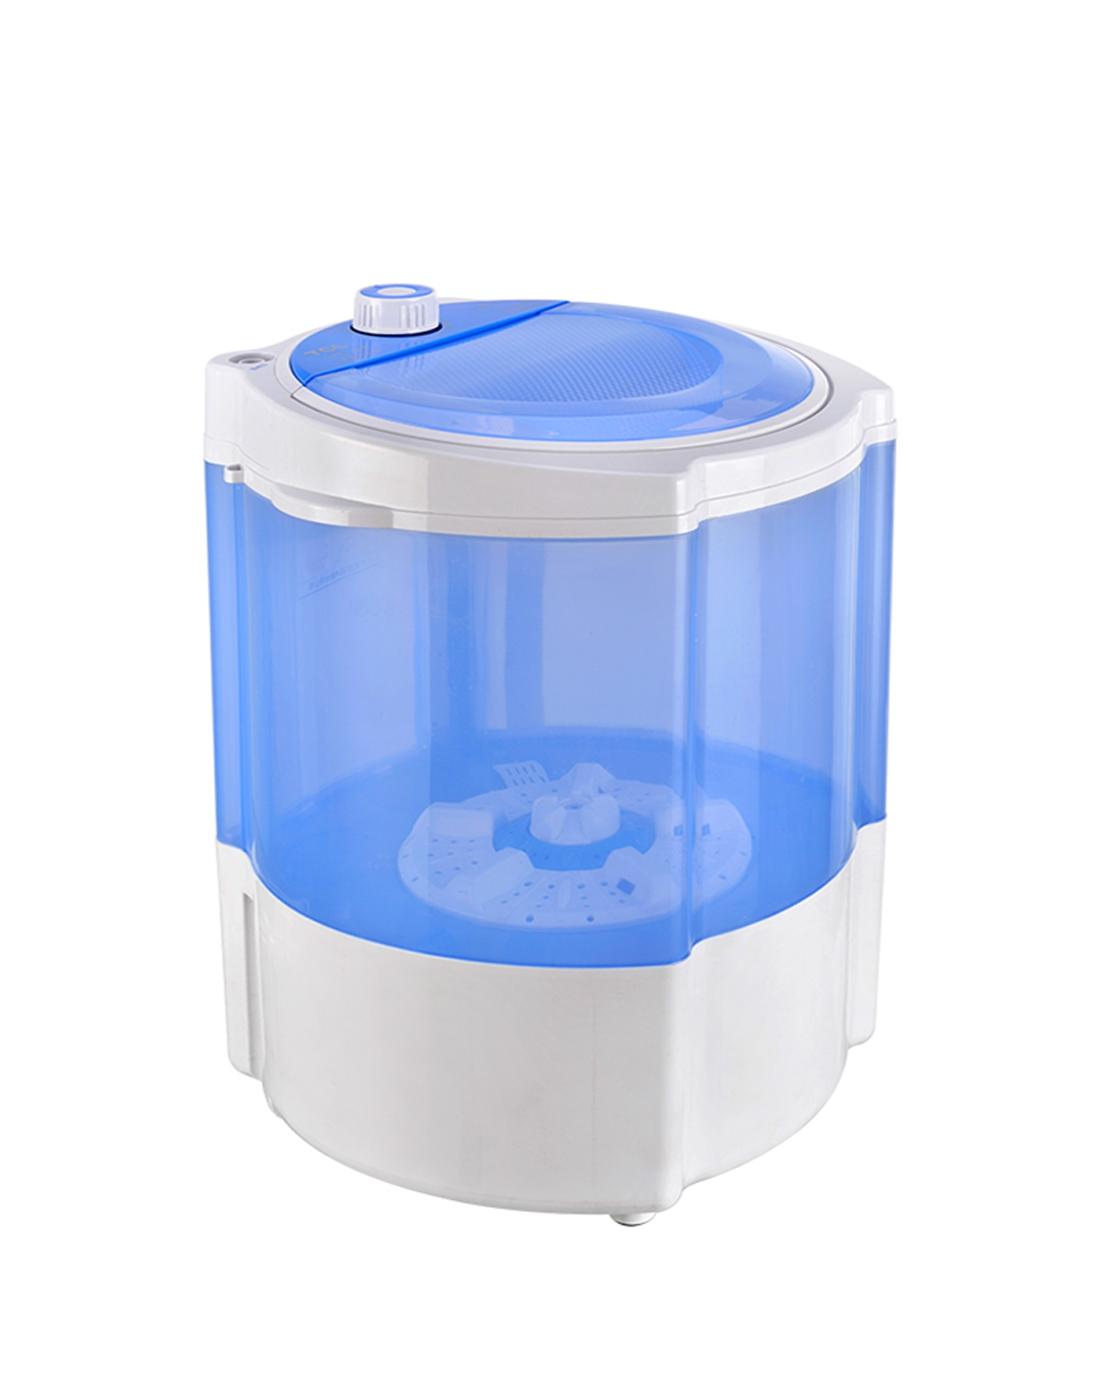 tcl冰箱洗衣机3.5公斤单筒半自动迷你洗衣机xpb35